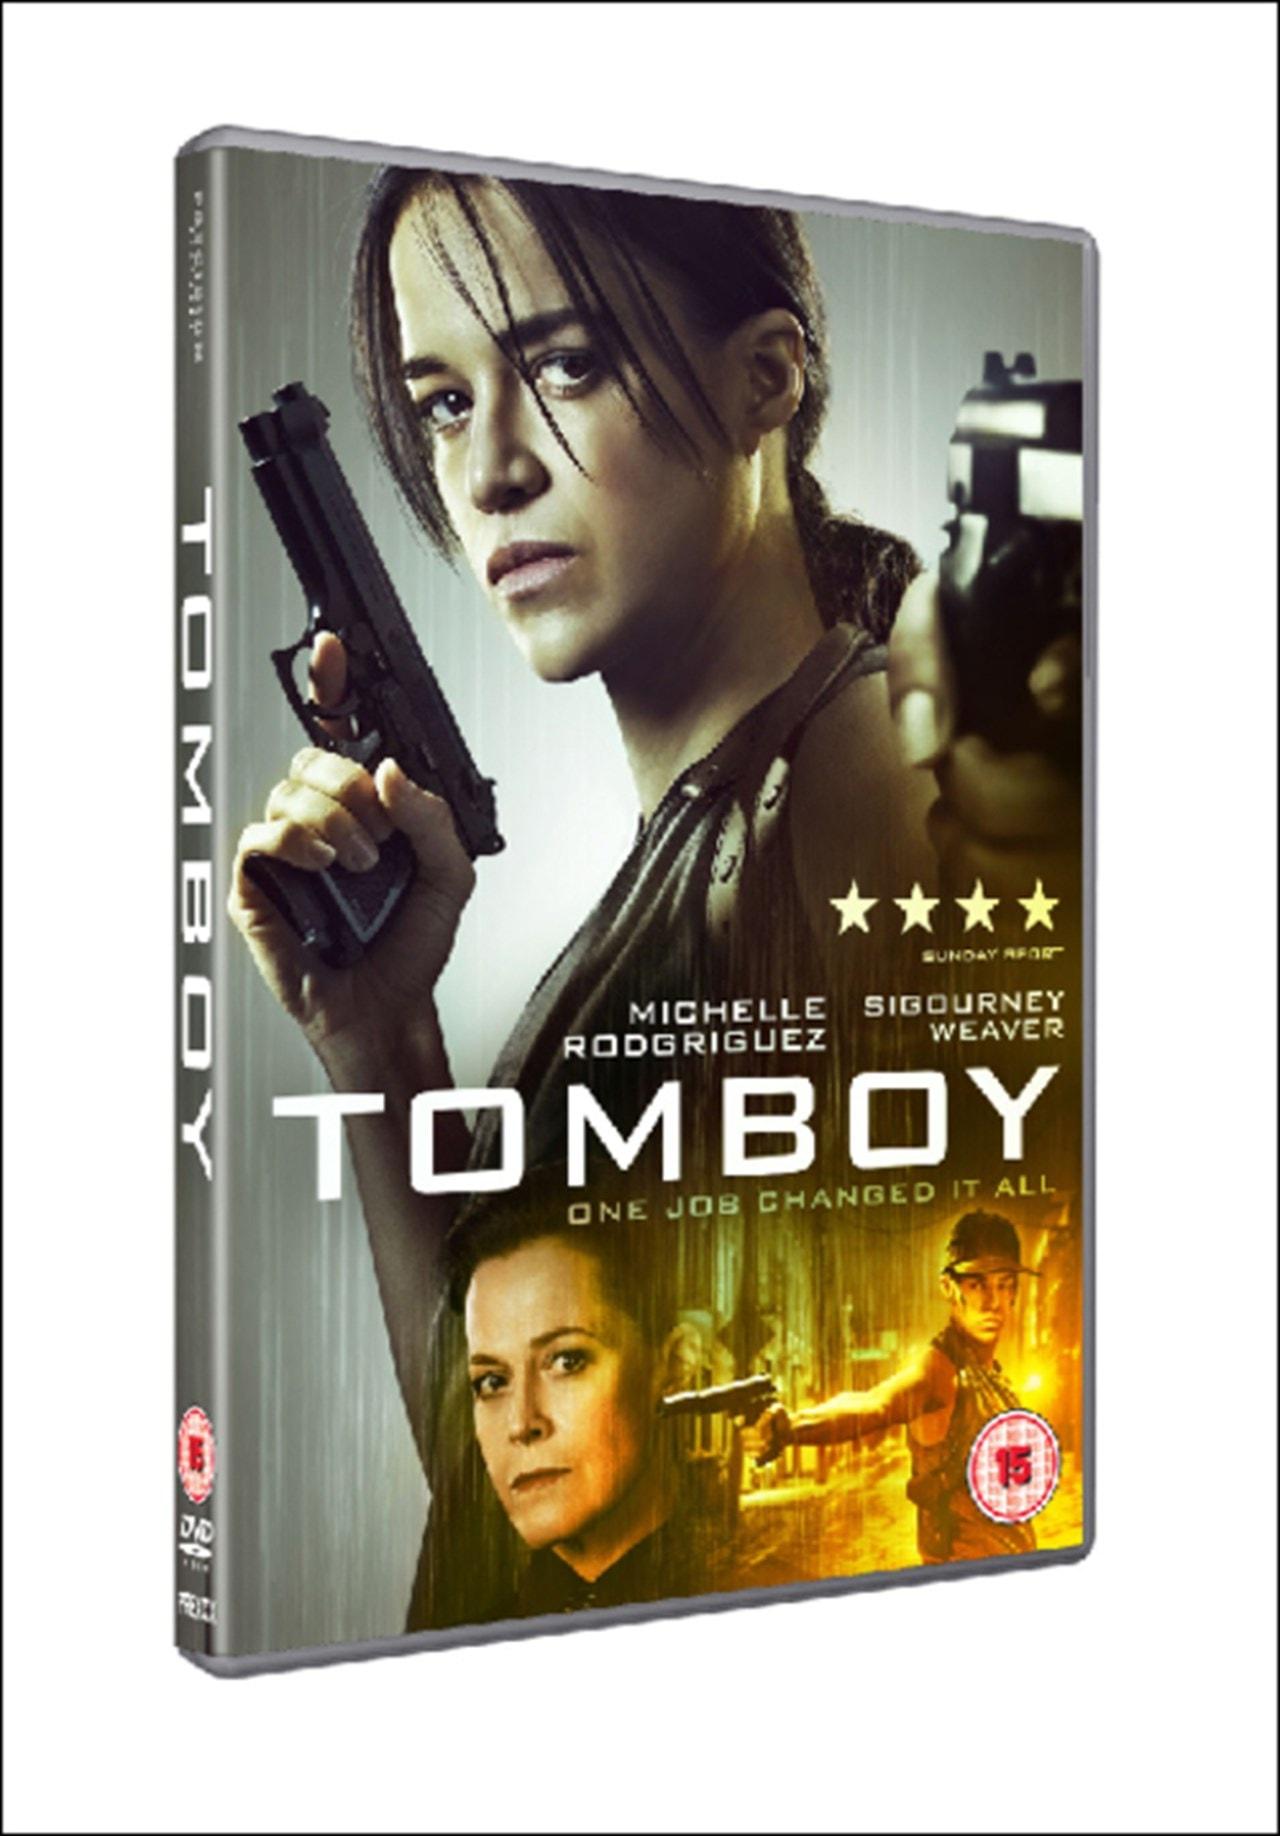 Tomboy - 2